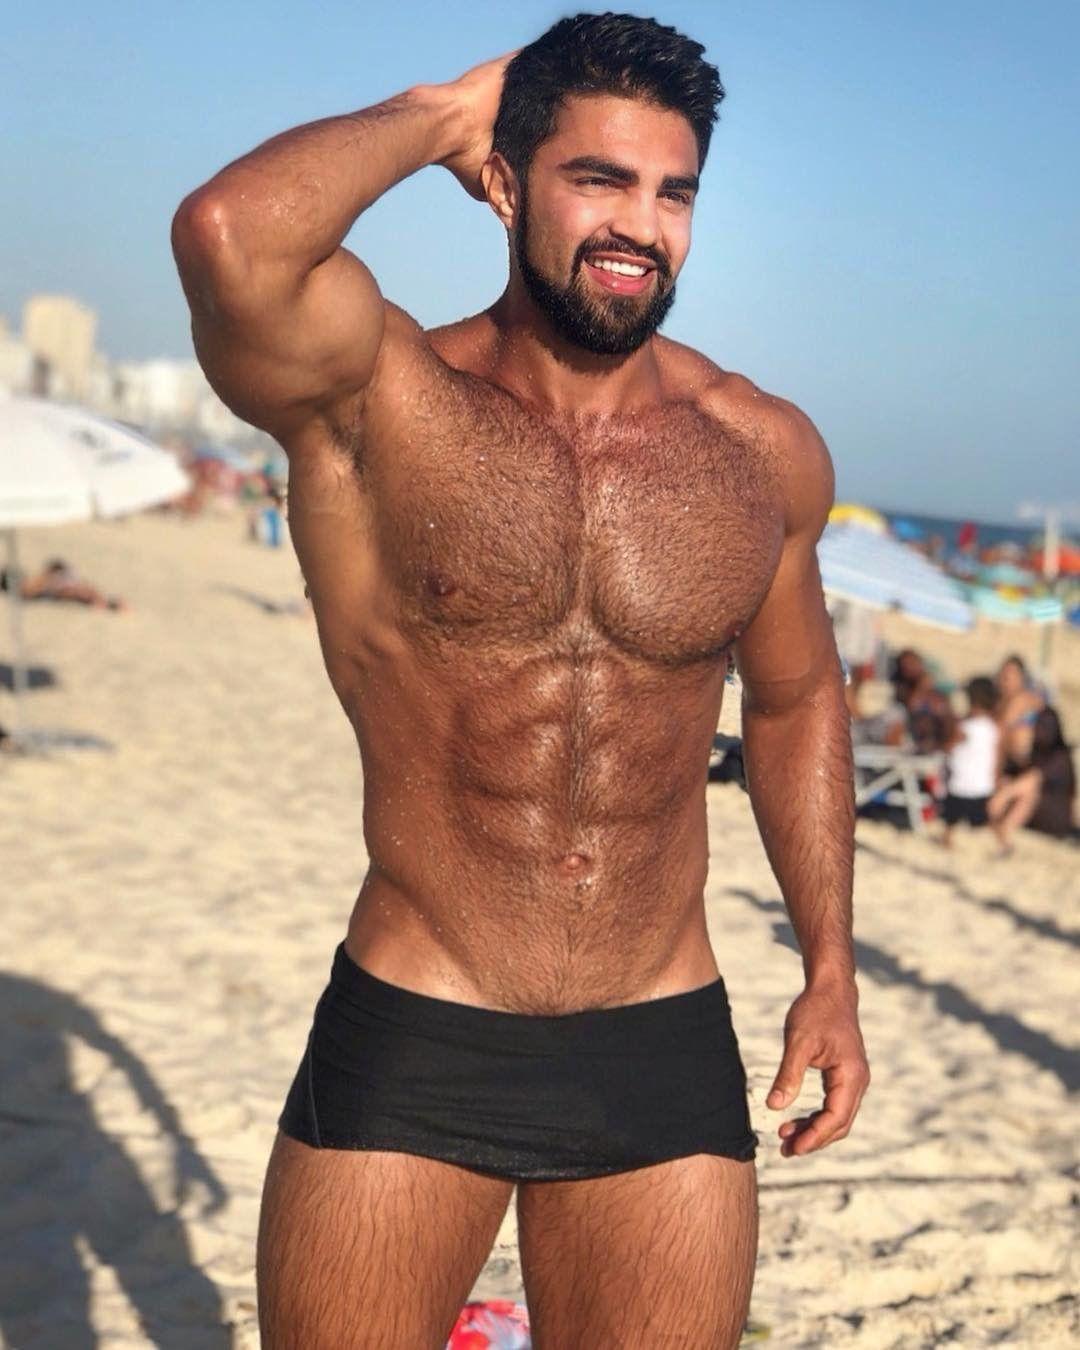 Maurício Souza Filho Hot Hunks, Hunks Men, Bearded Men, Hairy Men, Hairy